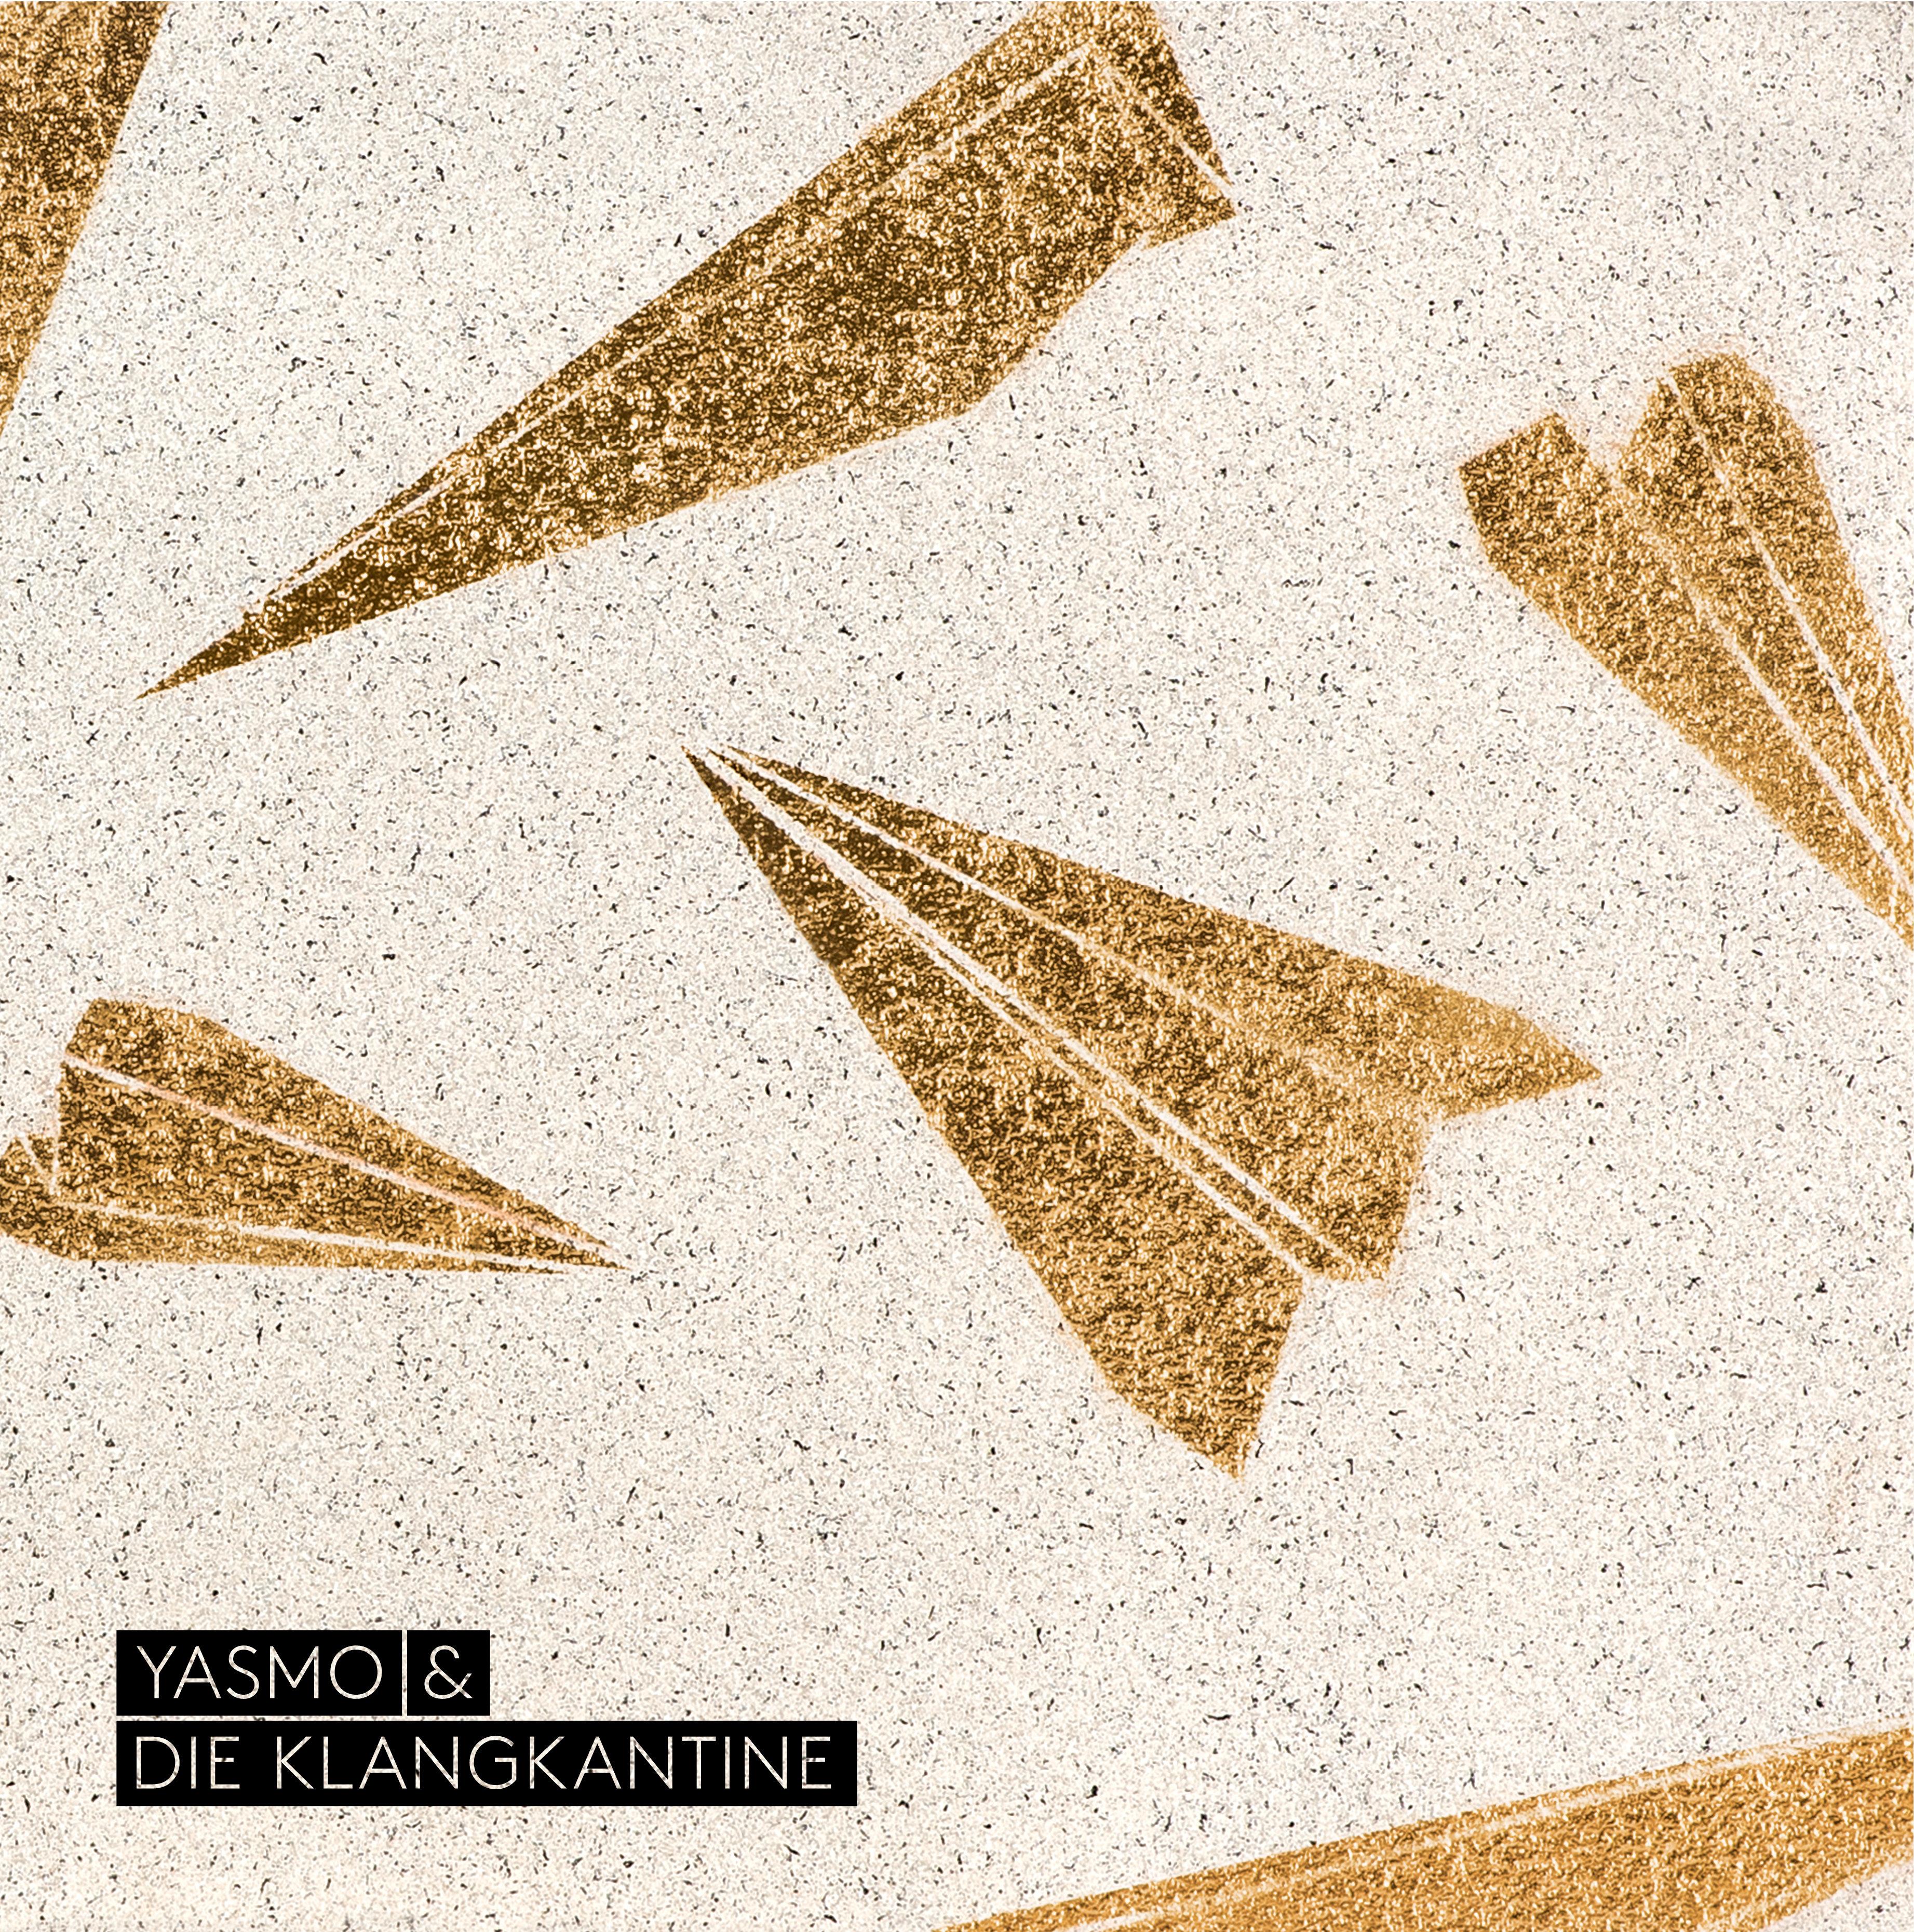 """Yasmo & die Klangkantine: """"Yasmo & die Klangkantine"""" (CD) INK070"""